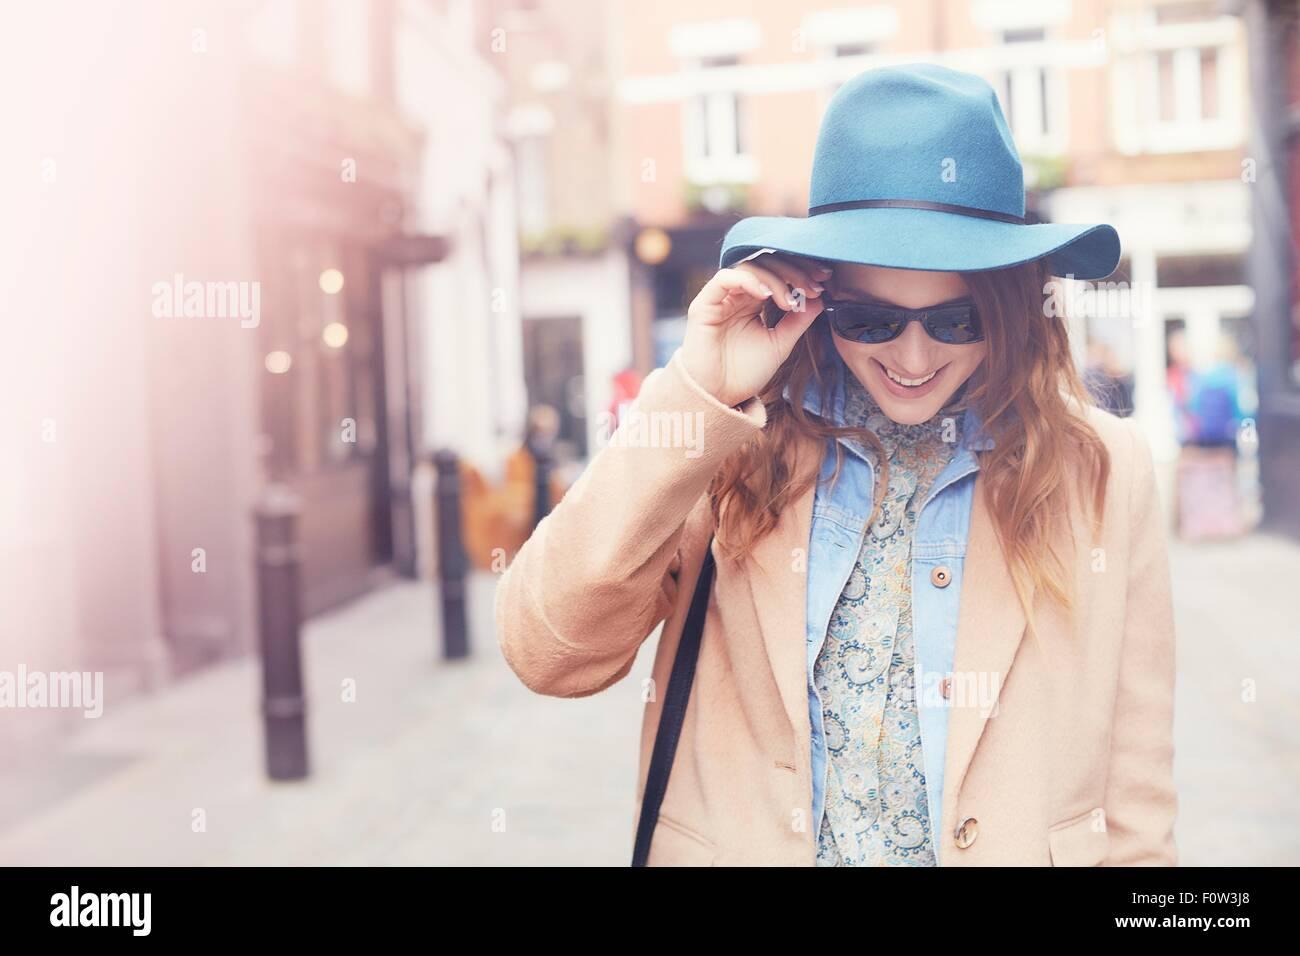 Moda giovane femmina shopper indossando occhiali da sole, London, Regno Unito Immagini Stock